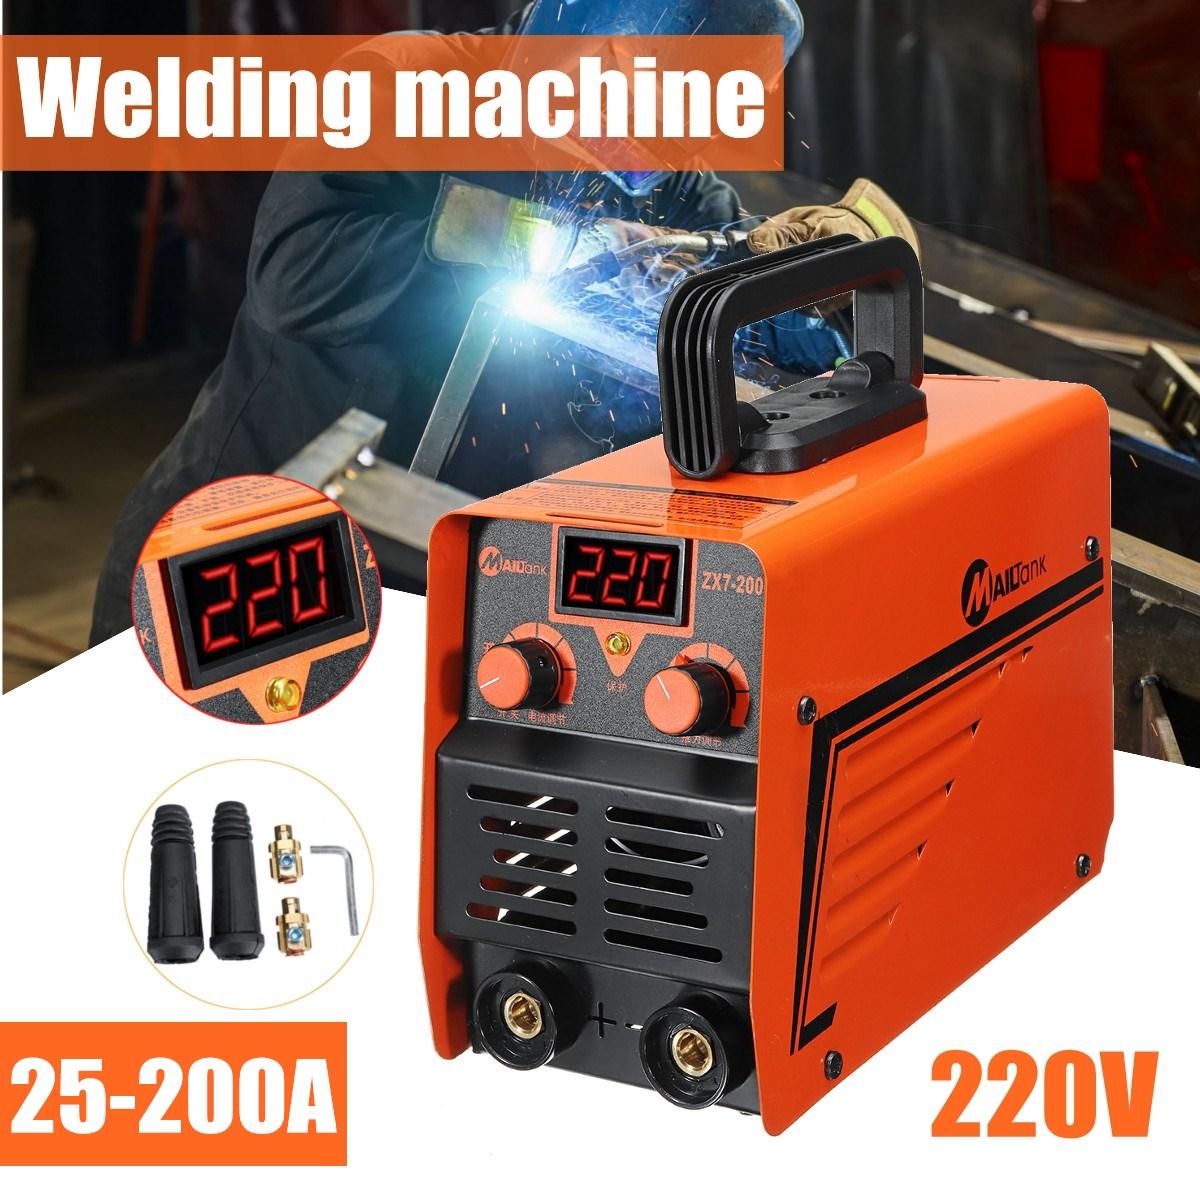 ZX7-200C De Poche IGBT Inverter MMA Soudage À L'ARC Mini Soudeurs Machine 25-200A 220 v